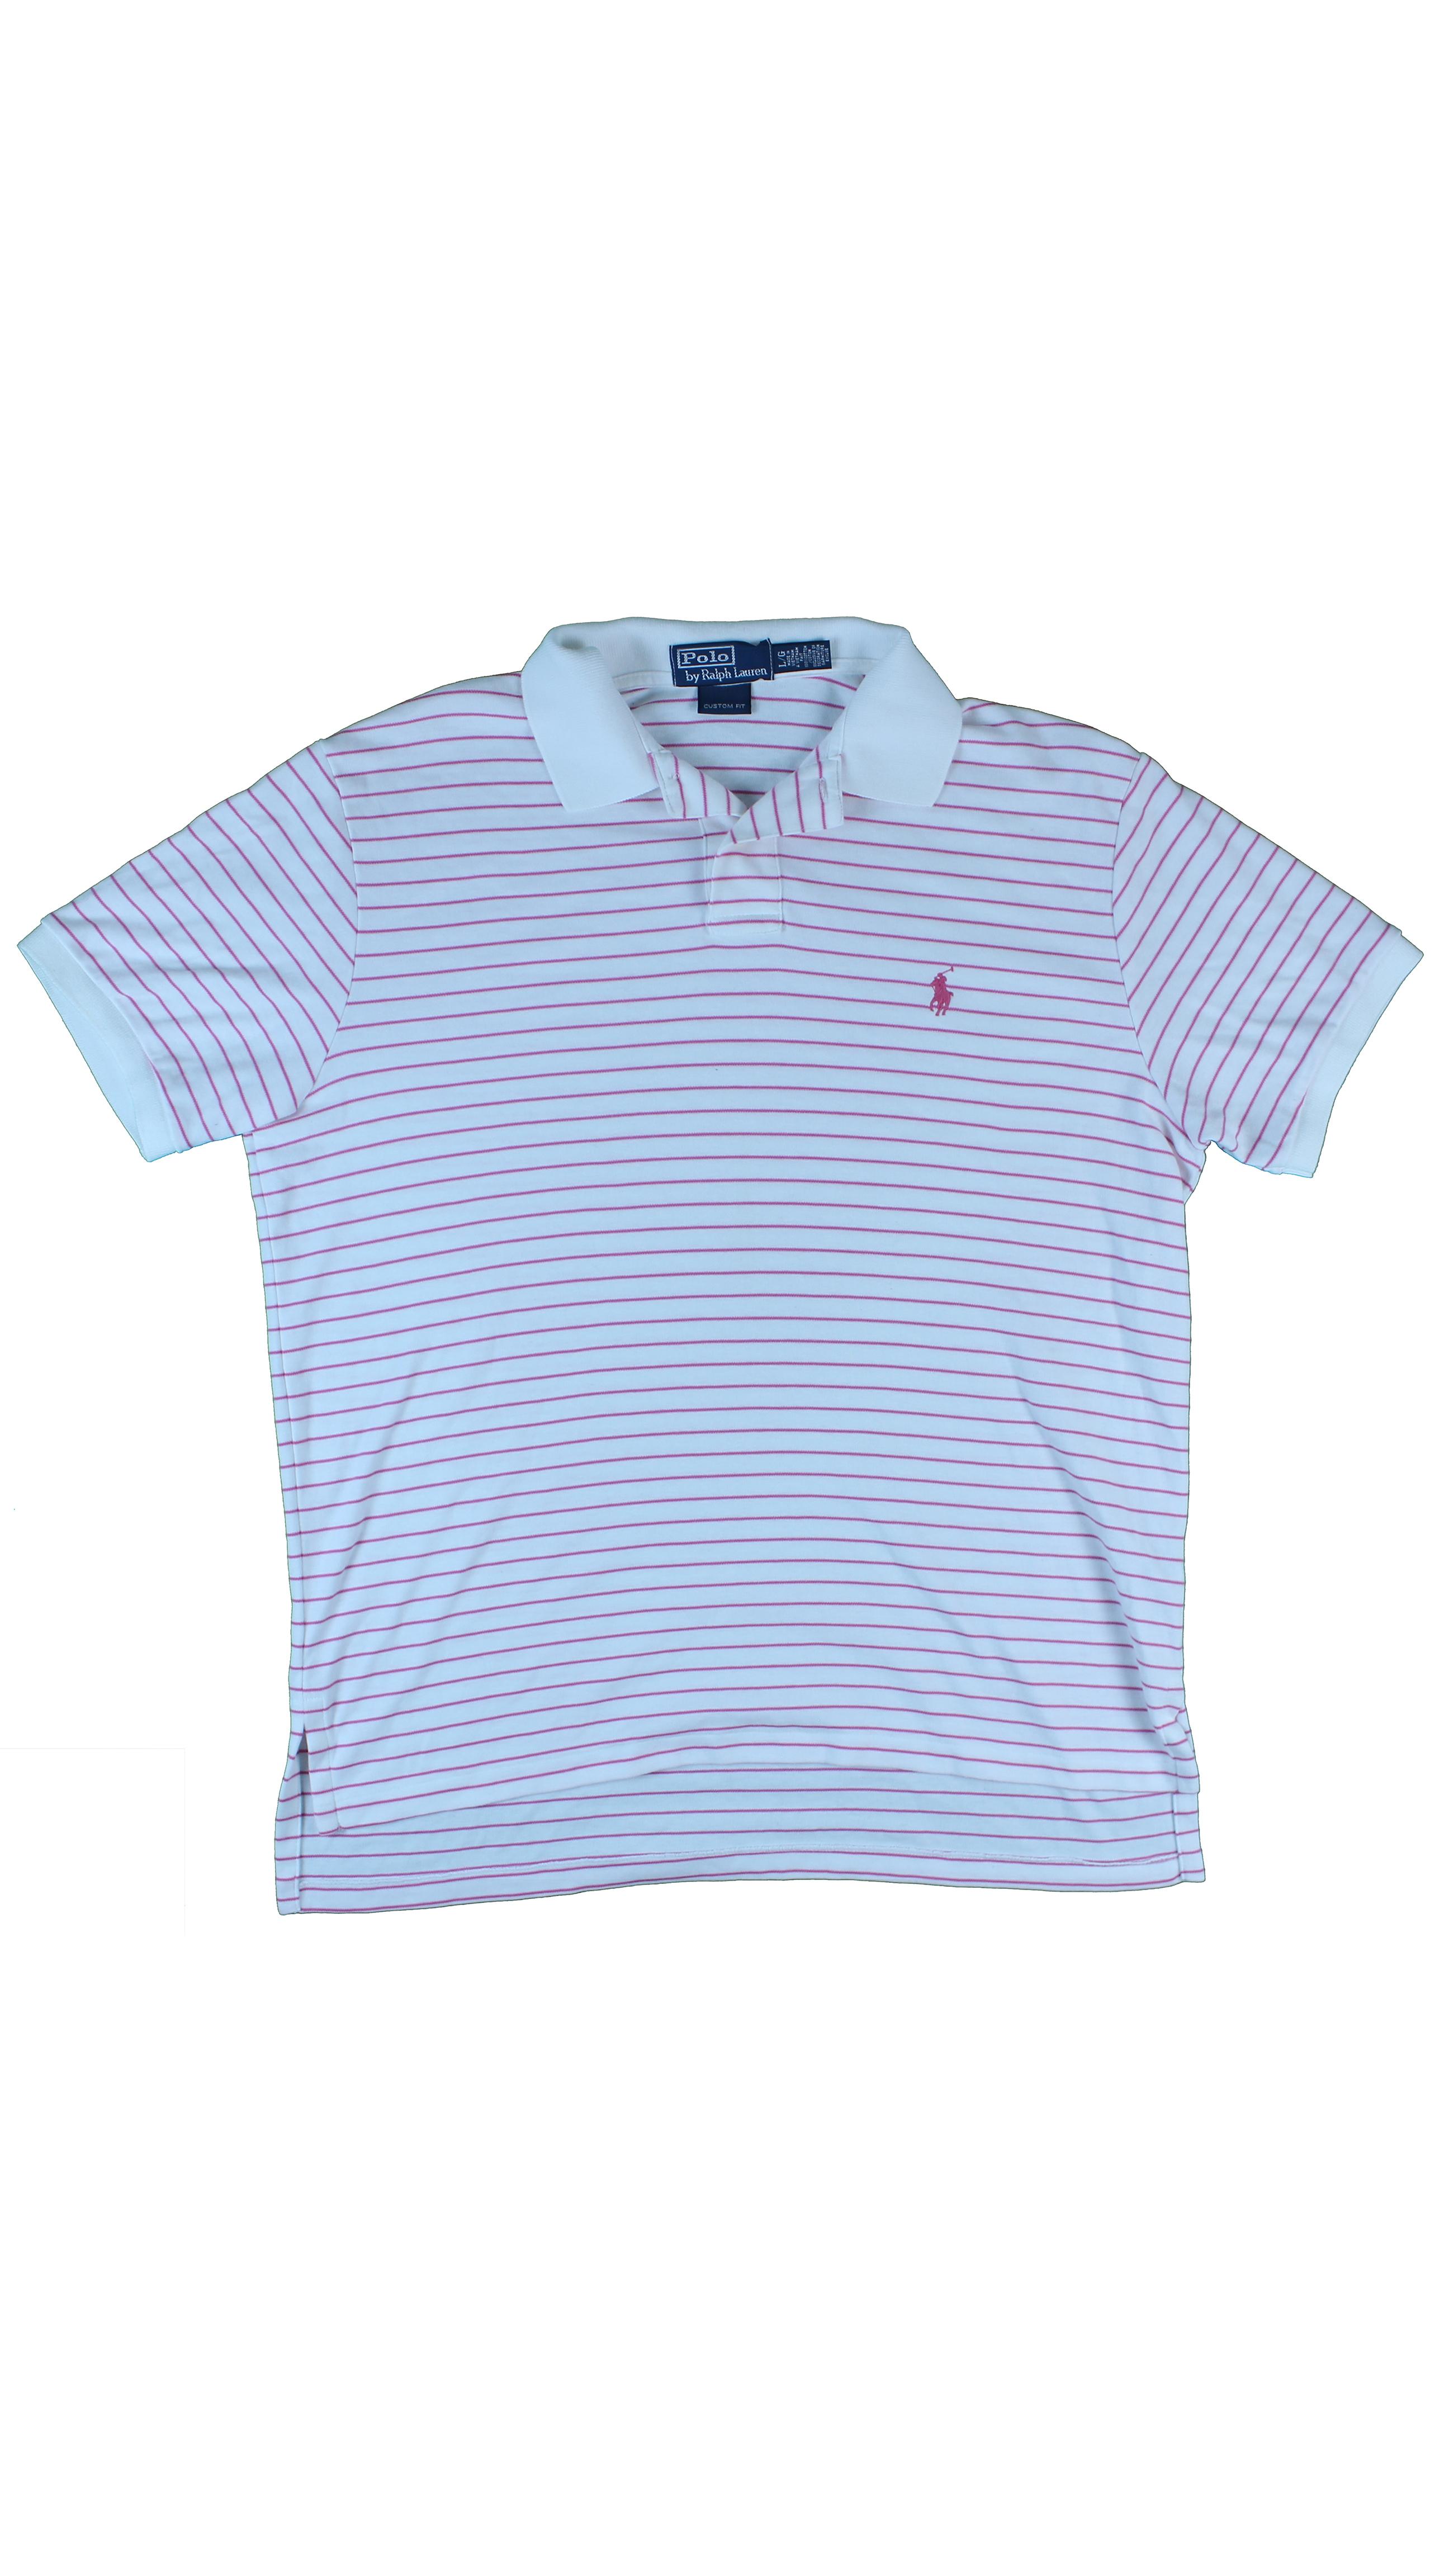 0efea3e07 Polo Ralph Lauren Polo By Ralph Lauren Vintage Peppermint 100 ...